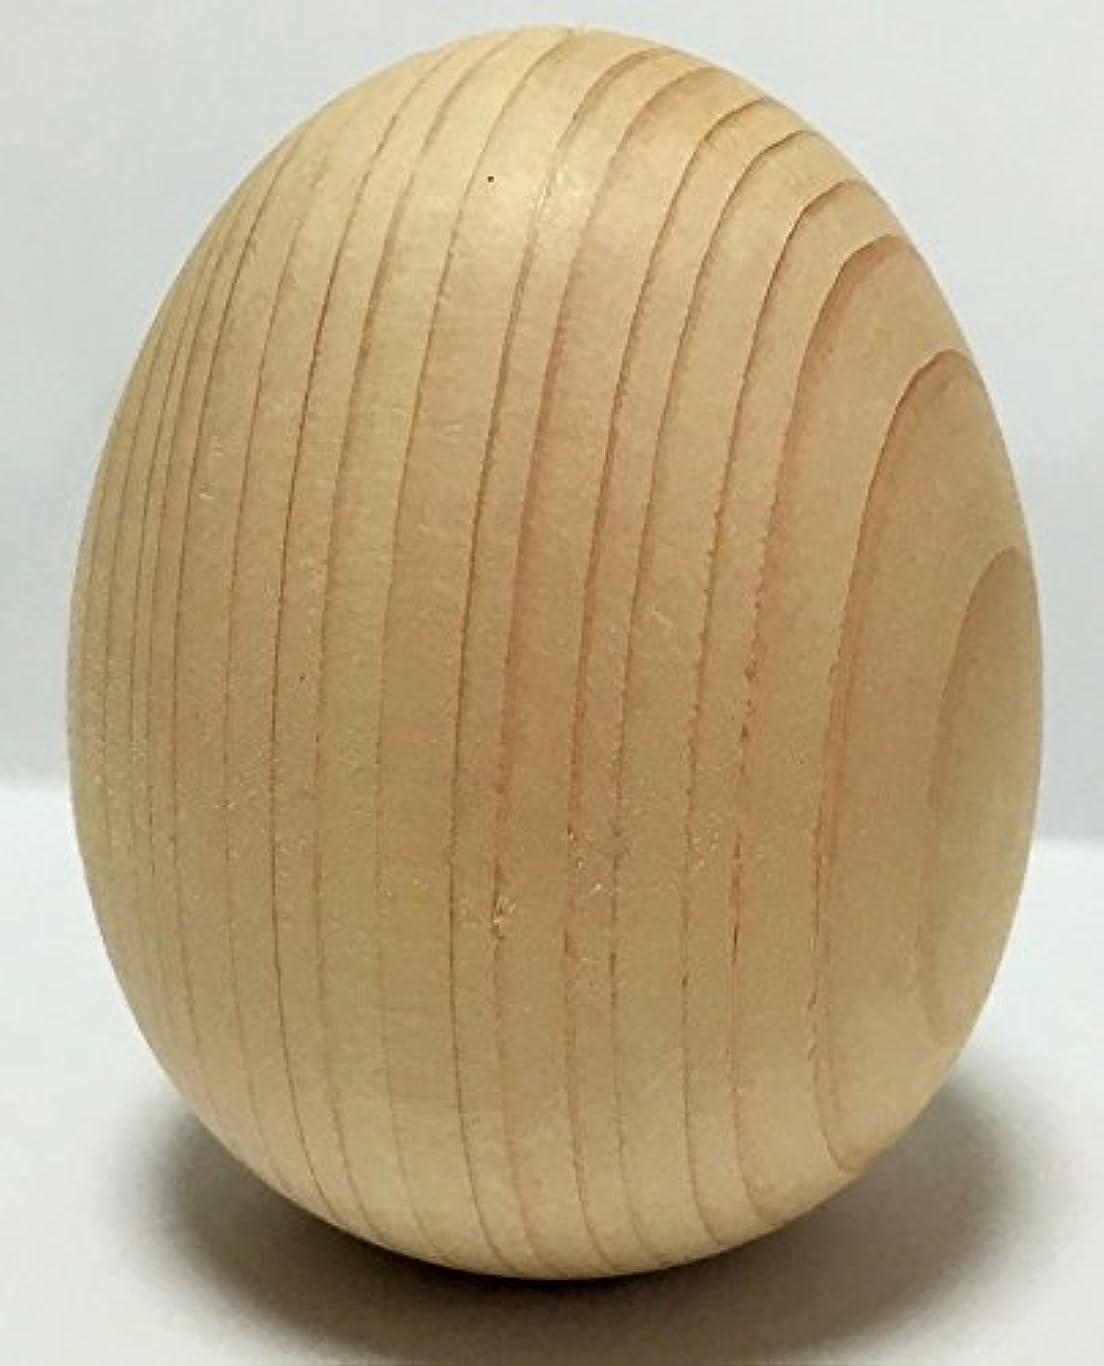 クリーナー回る階層1個から購入できる!卵型ヒノキボール タマゴ型 檜ボール 桧ボール ひのきボール 玉